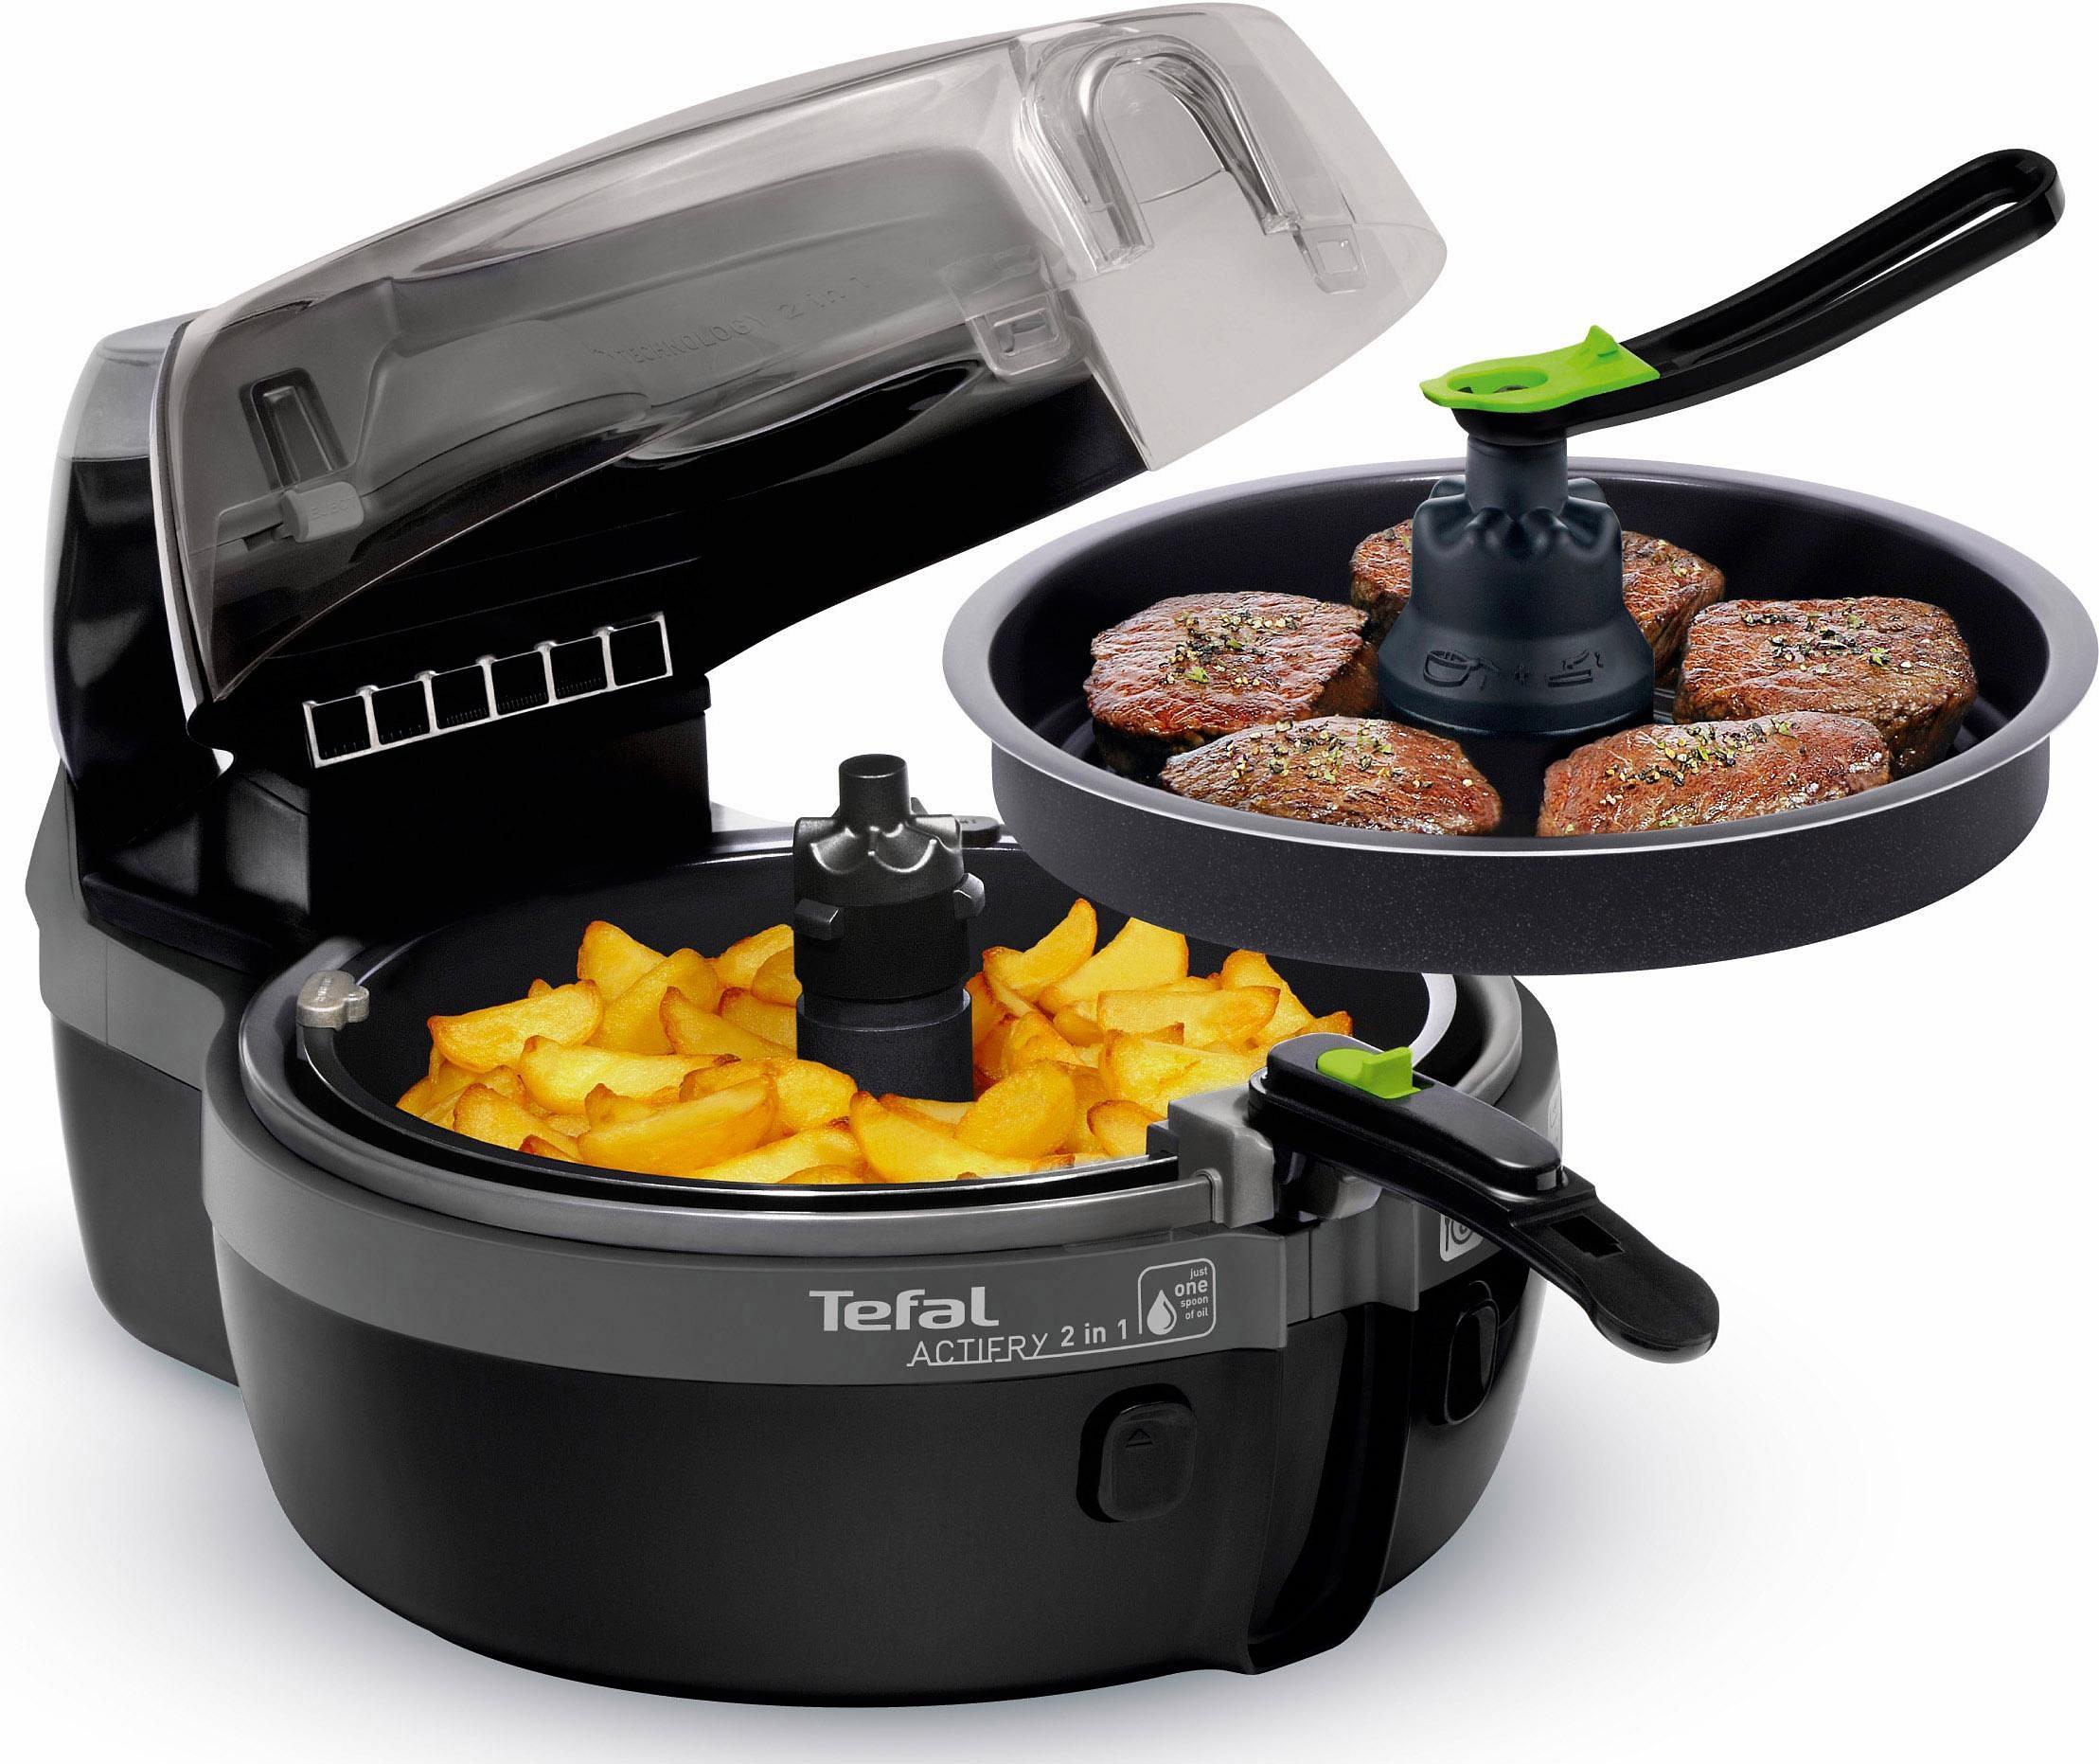 Tefal Hetelucht-friteuse YV9601 ActiFry 2-in-1 nu online kopen bij OTTO